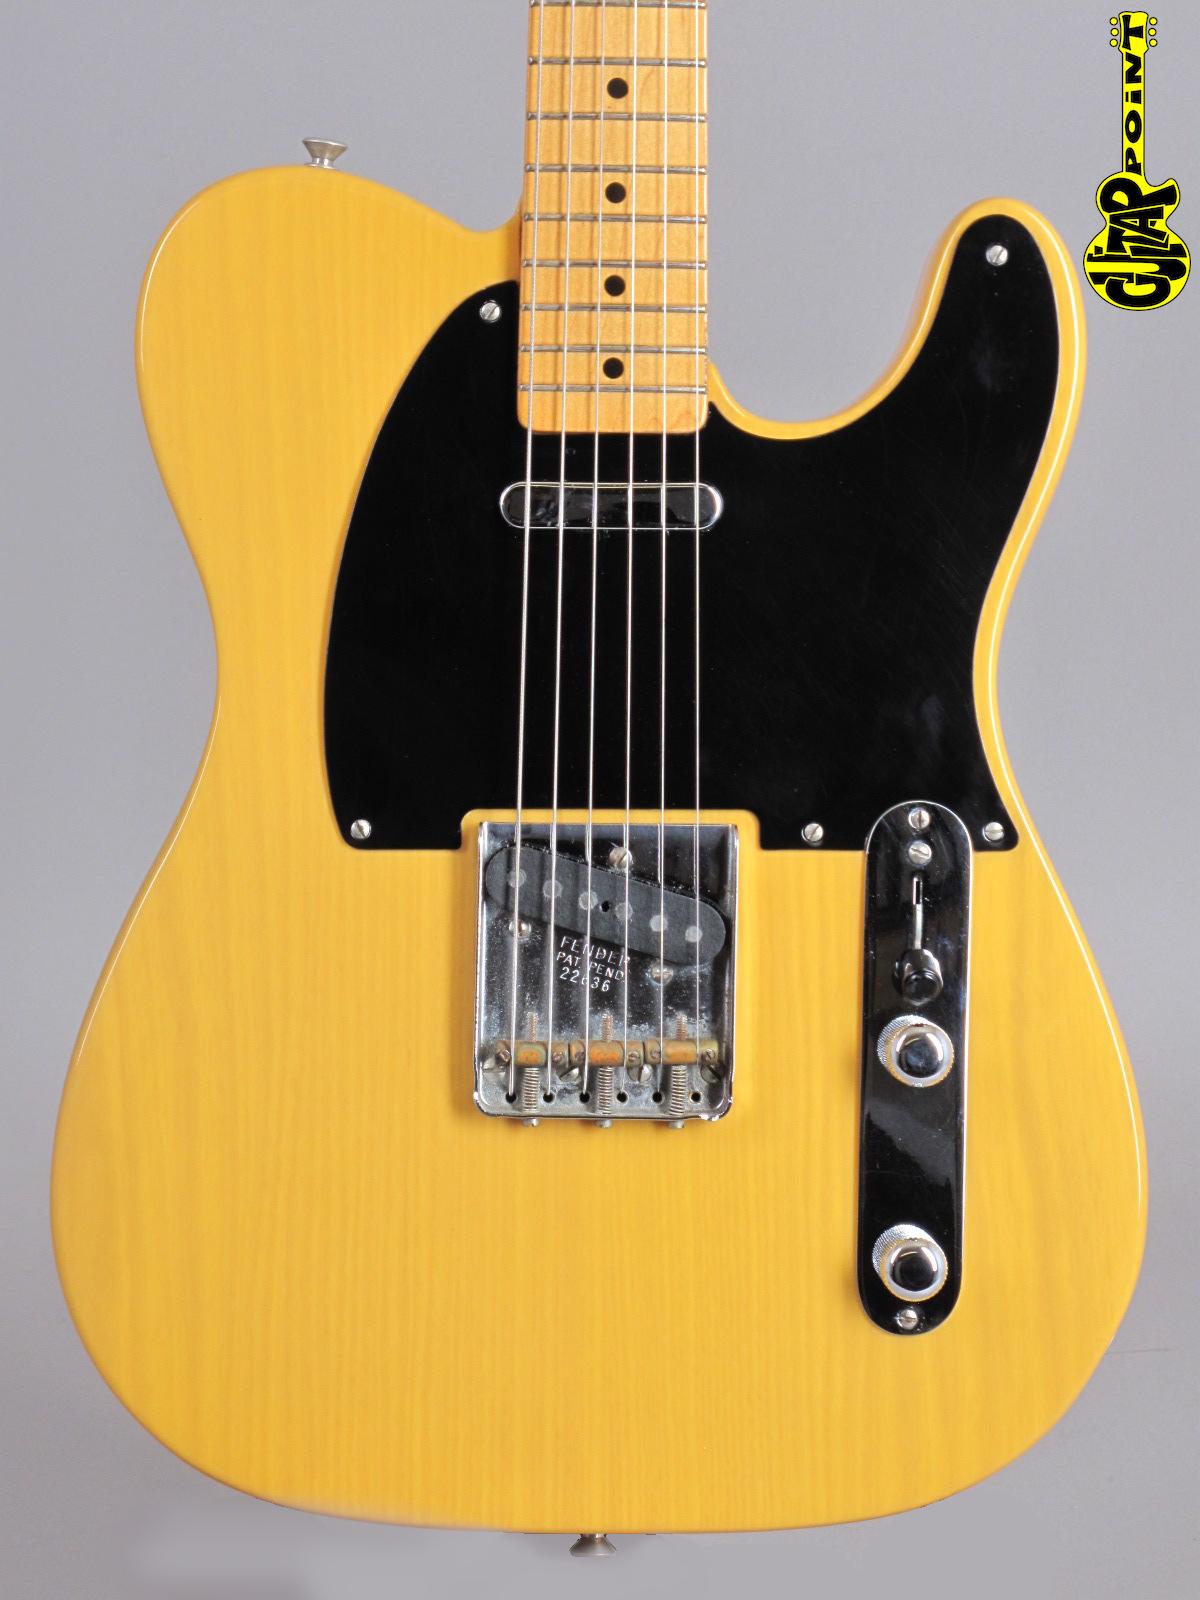 1995 Fender American Vintage 1952 Telecaster - Blond